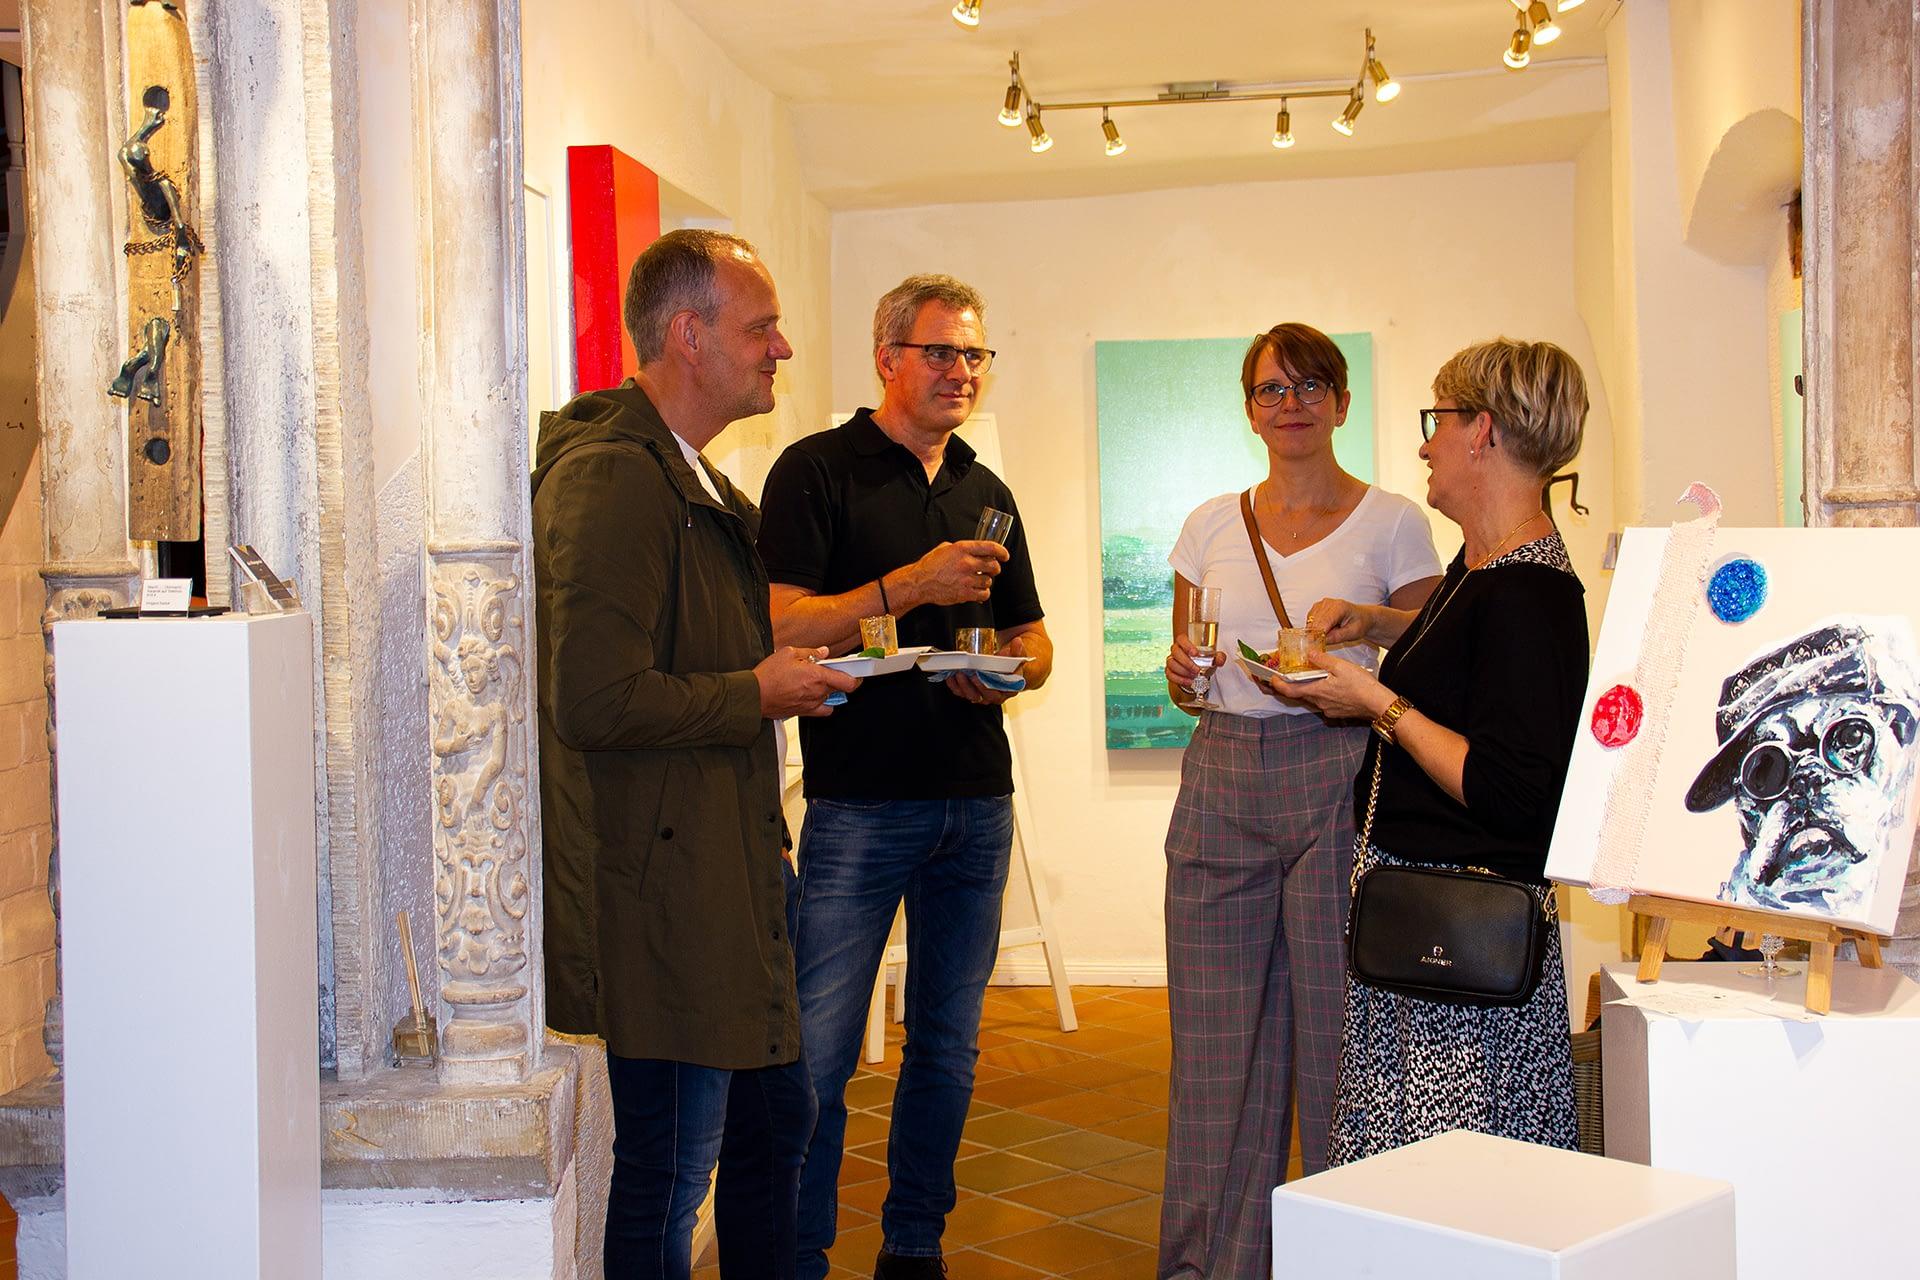 Les lignes du chaos Kunstausstellung Apogeé - meine lieben Gäste genießen - kunst und Leckereien